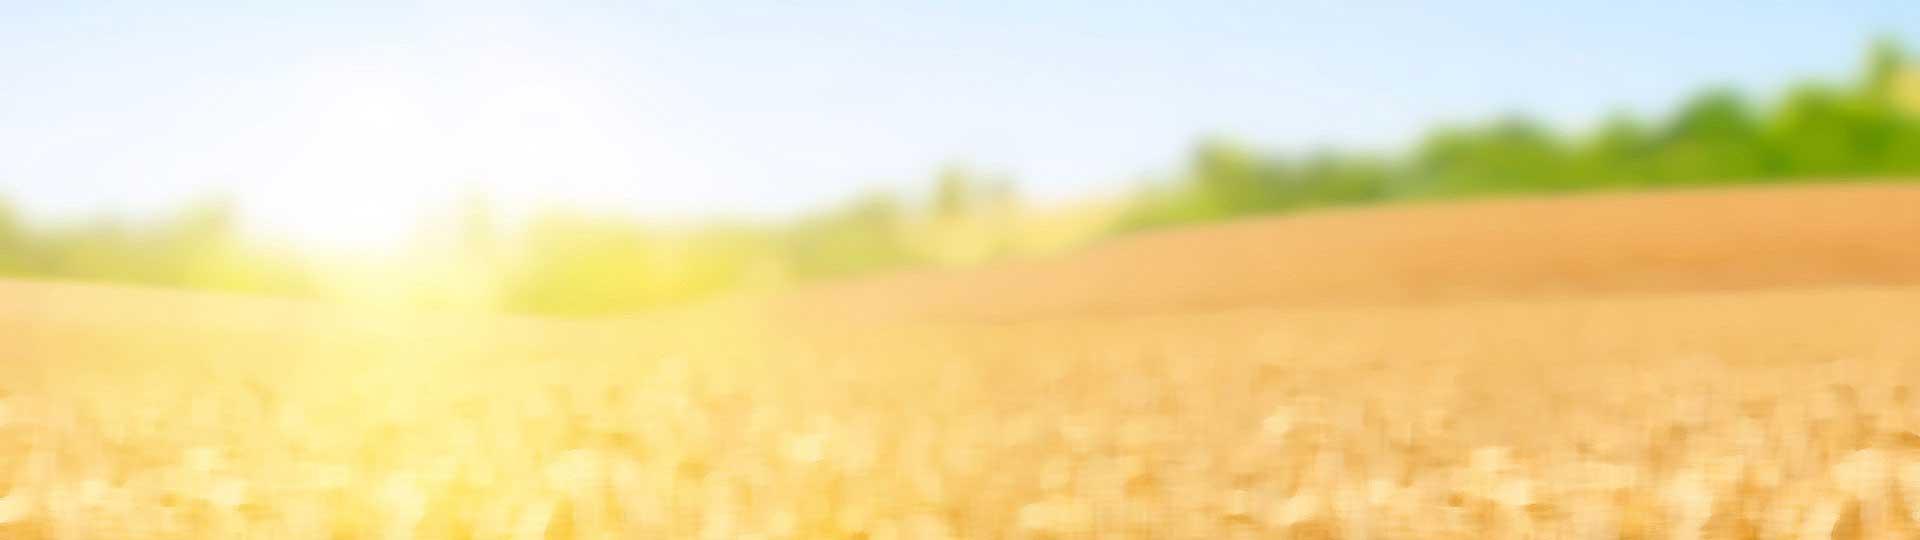 bg field